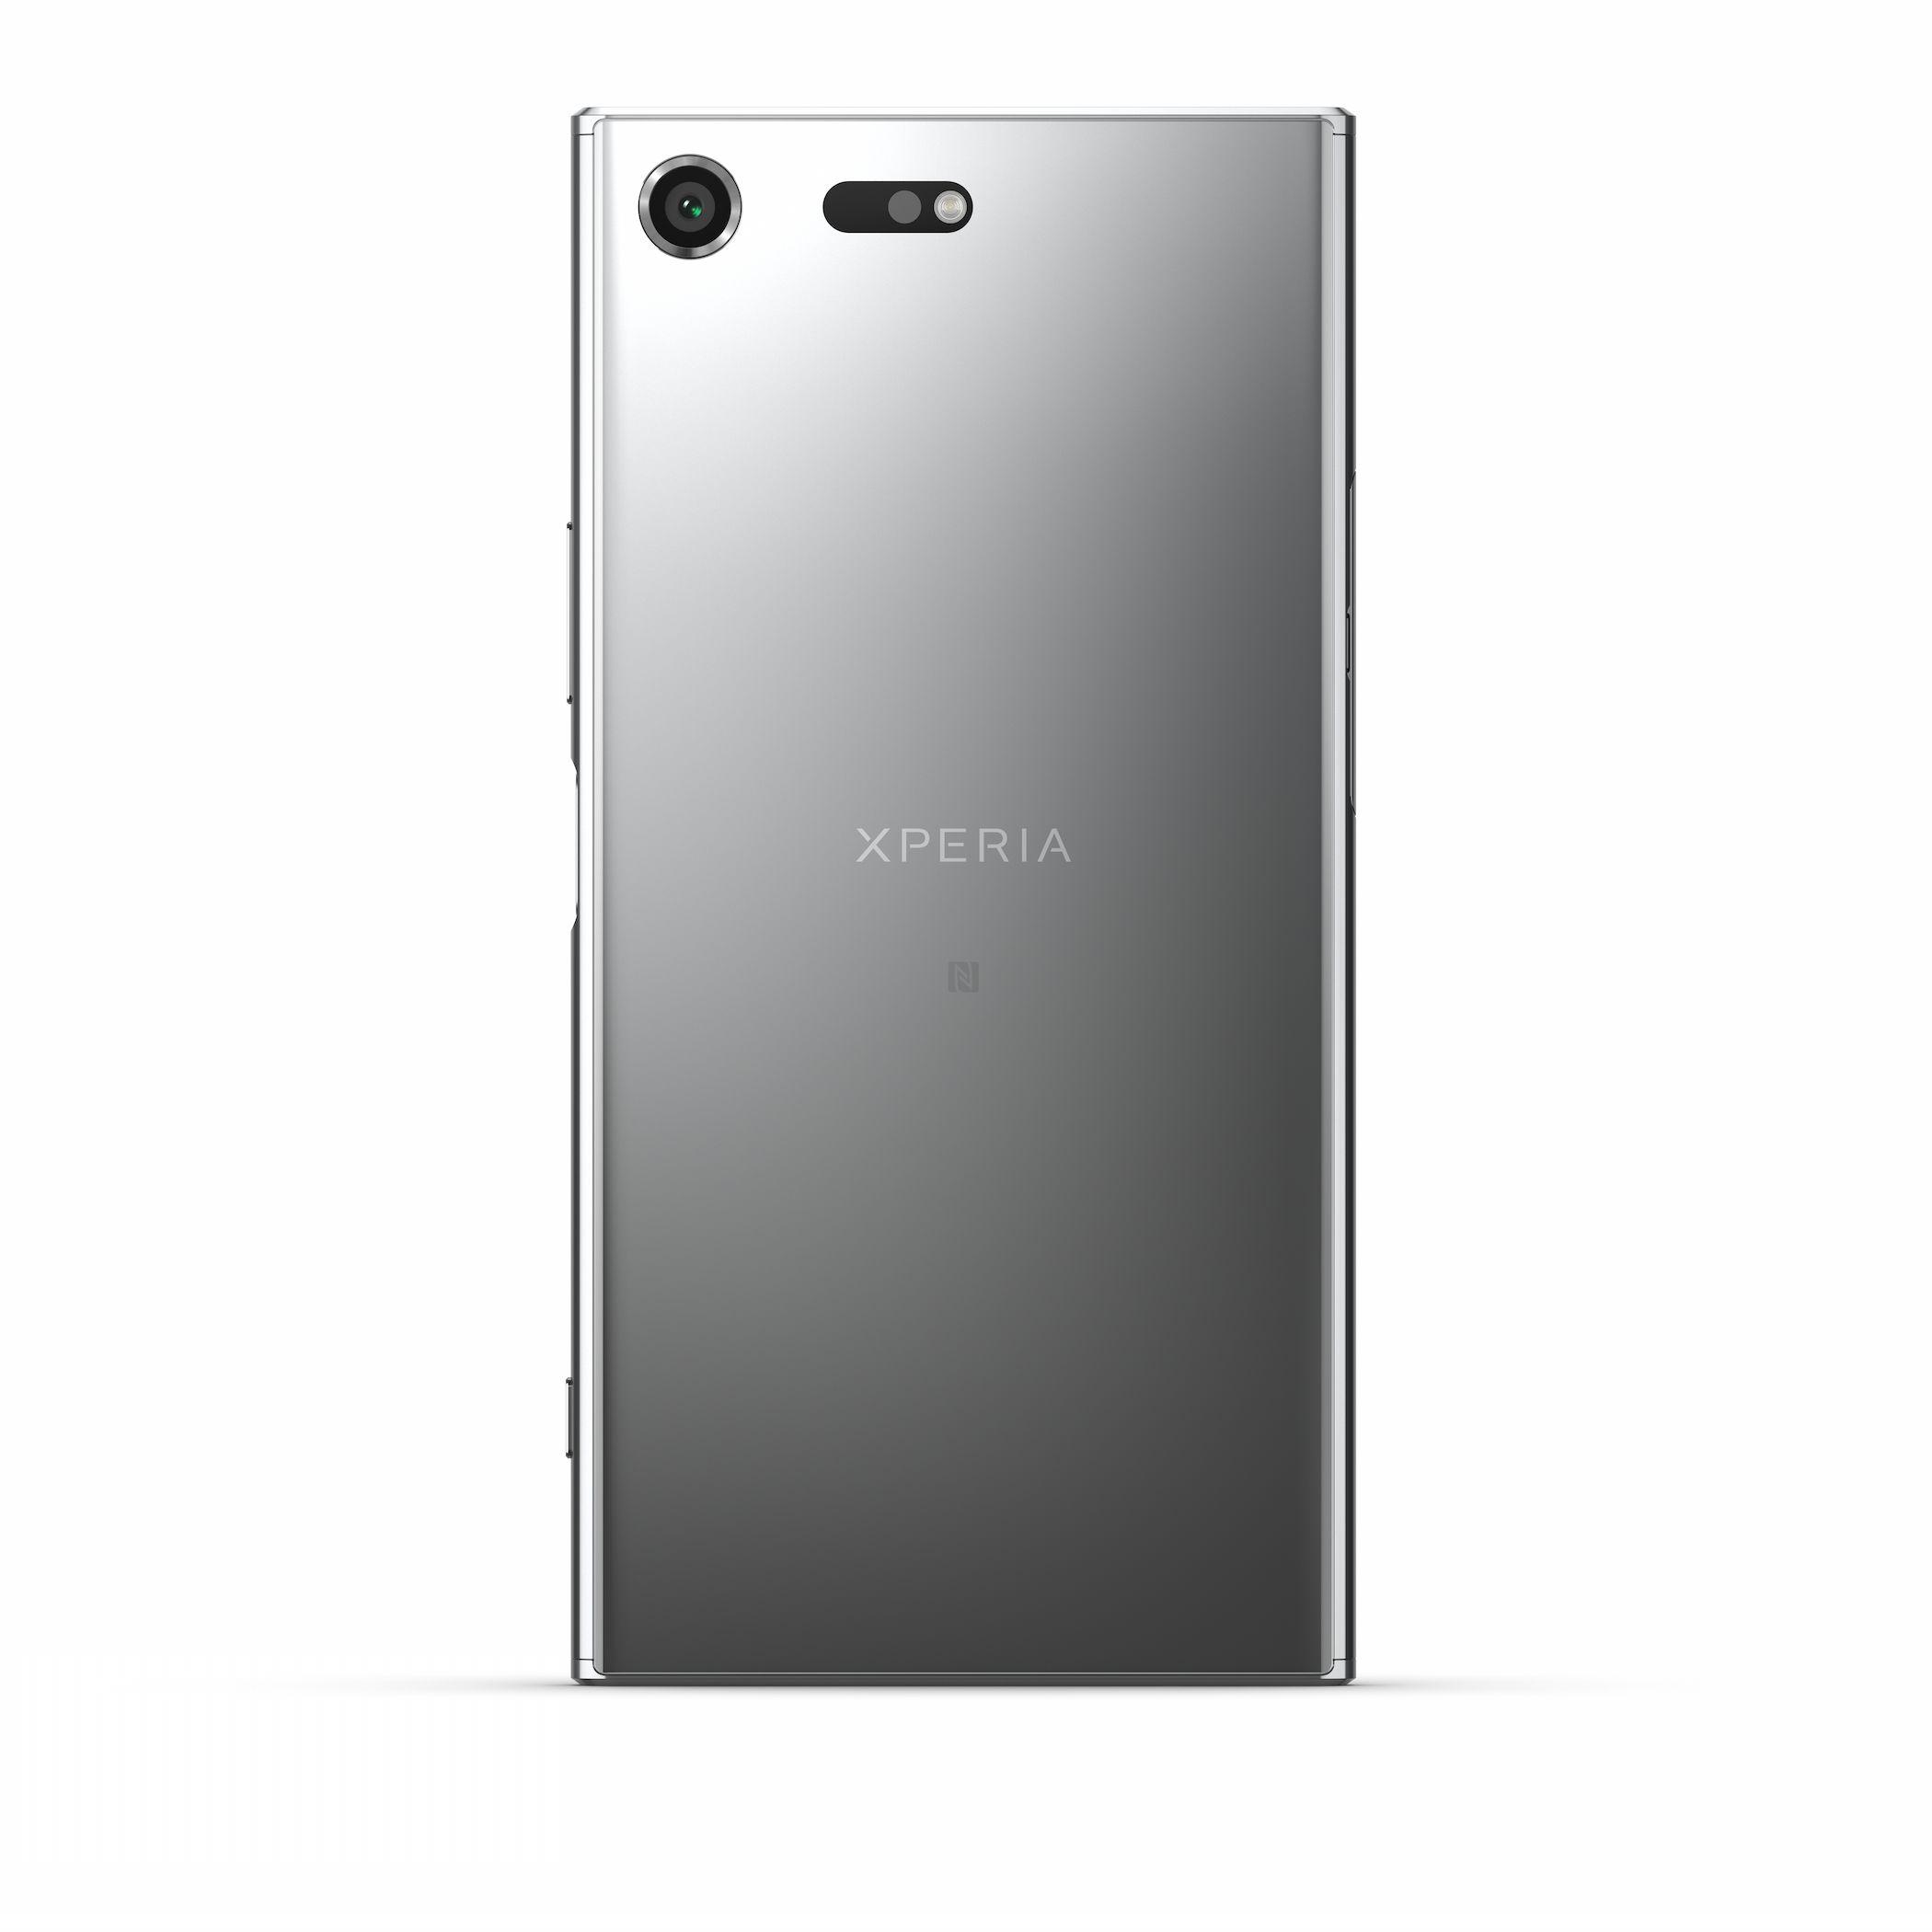 Sony Xperia XZ Premium Render 5